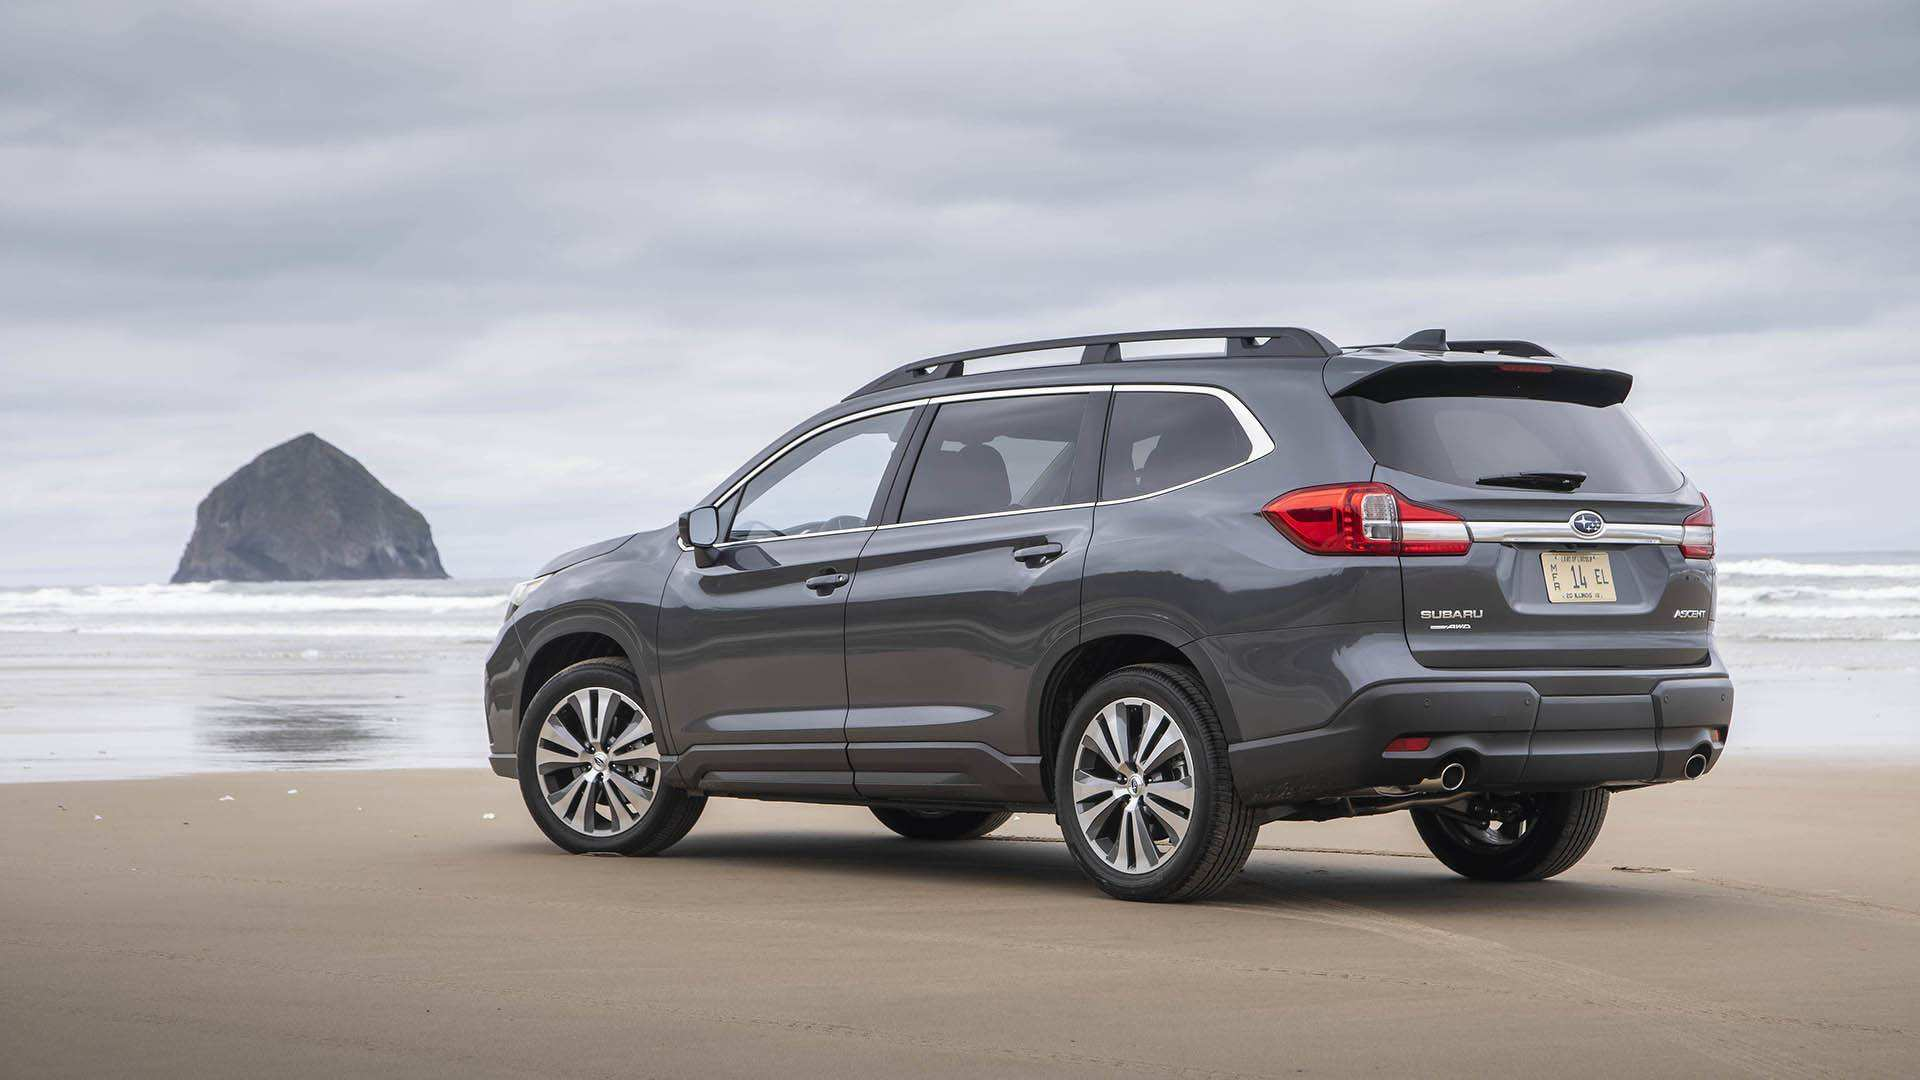 93 New New Subaru 2019 Ascent Colors Spy Shoot New Review by New Subaru 2019 Ascent Colors Spy Shoot